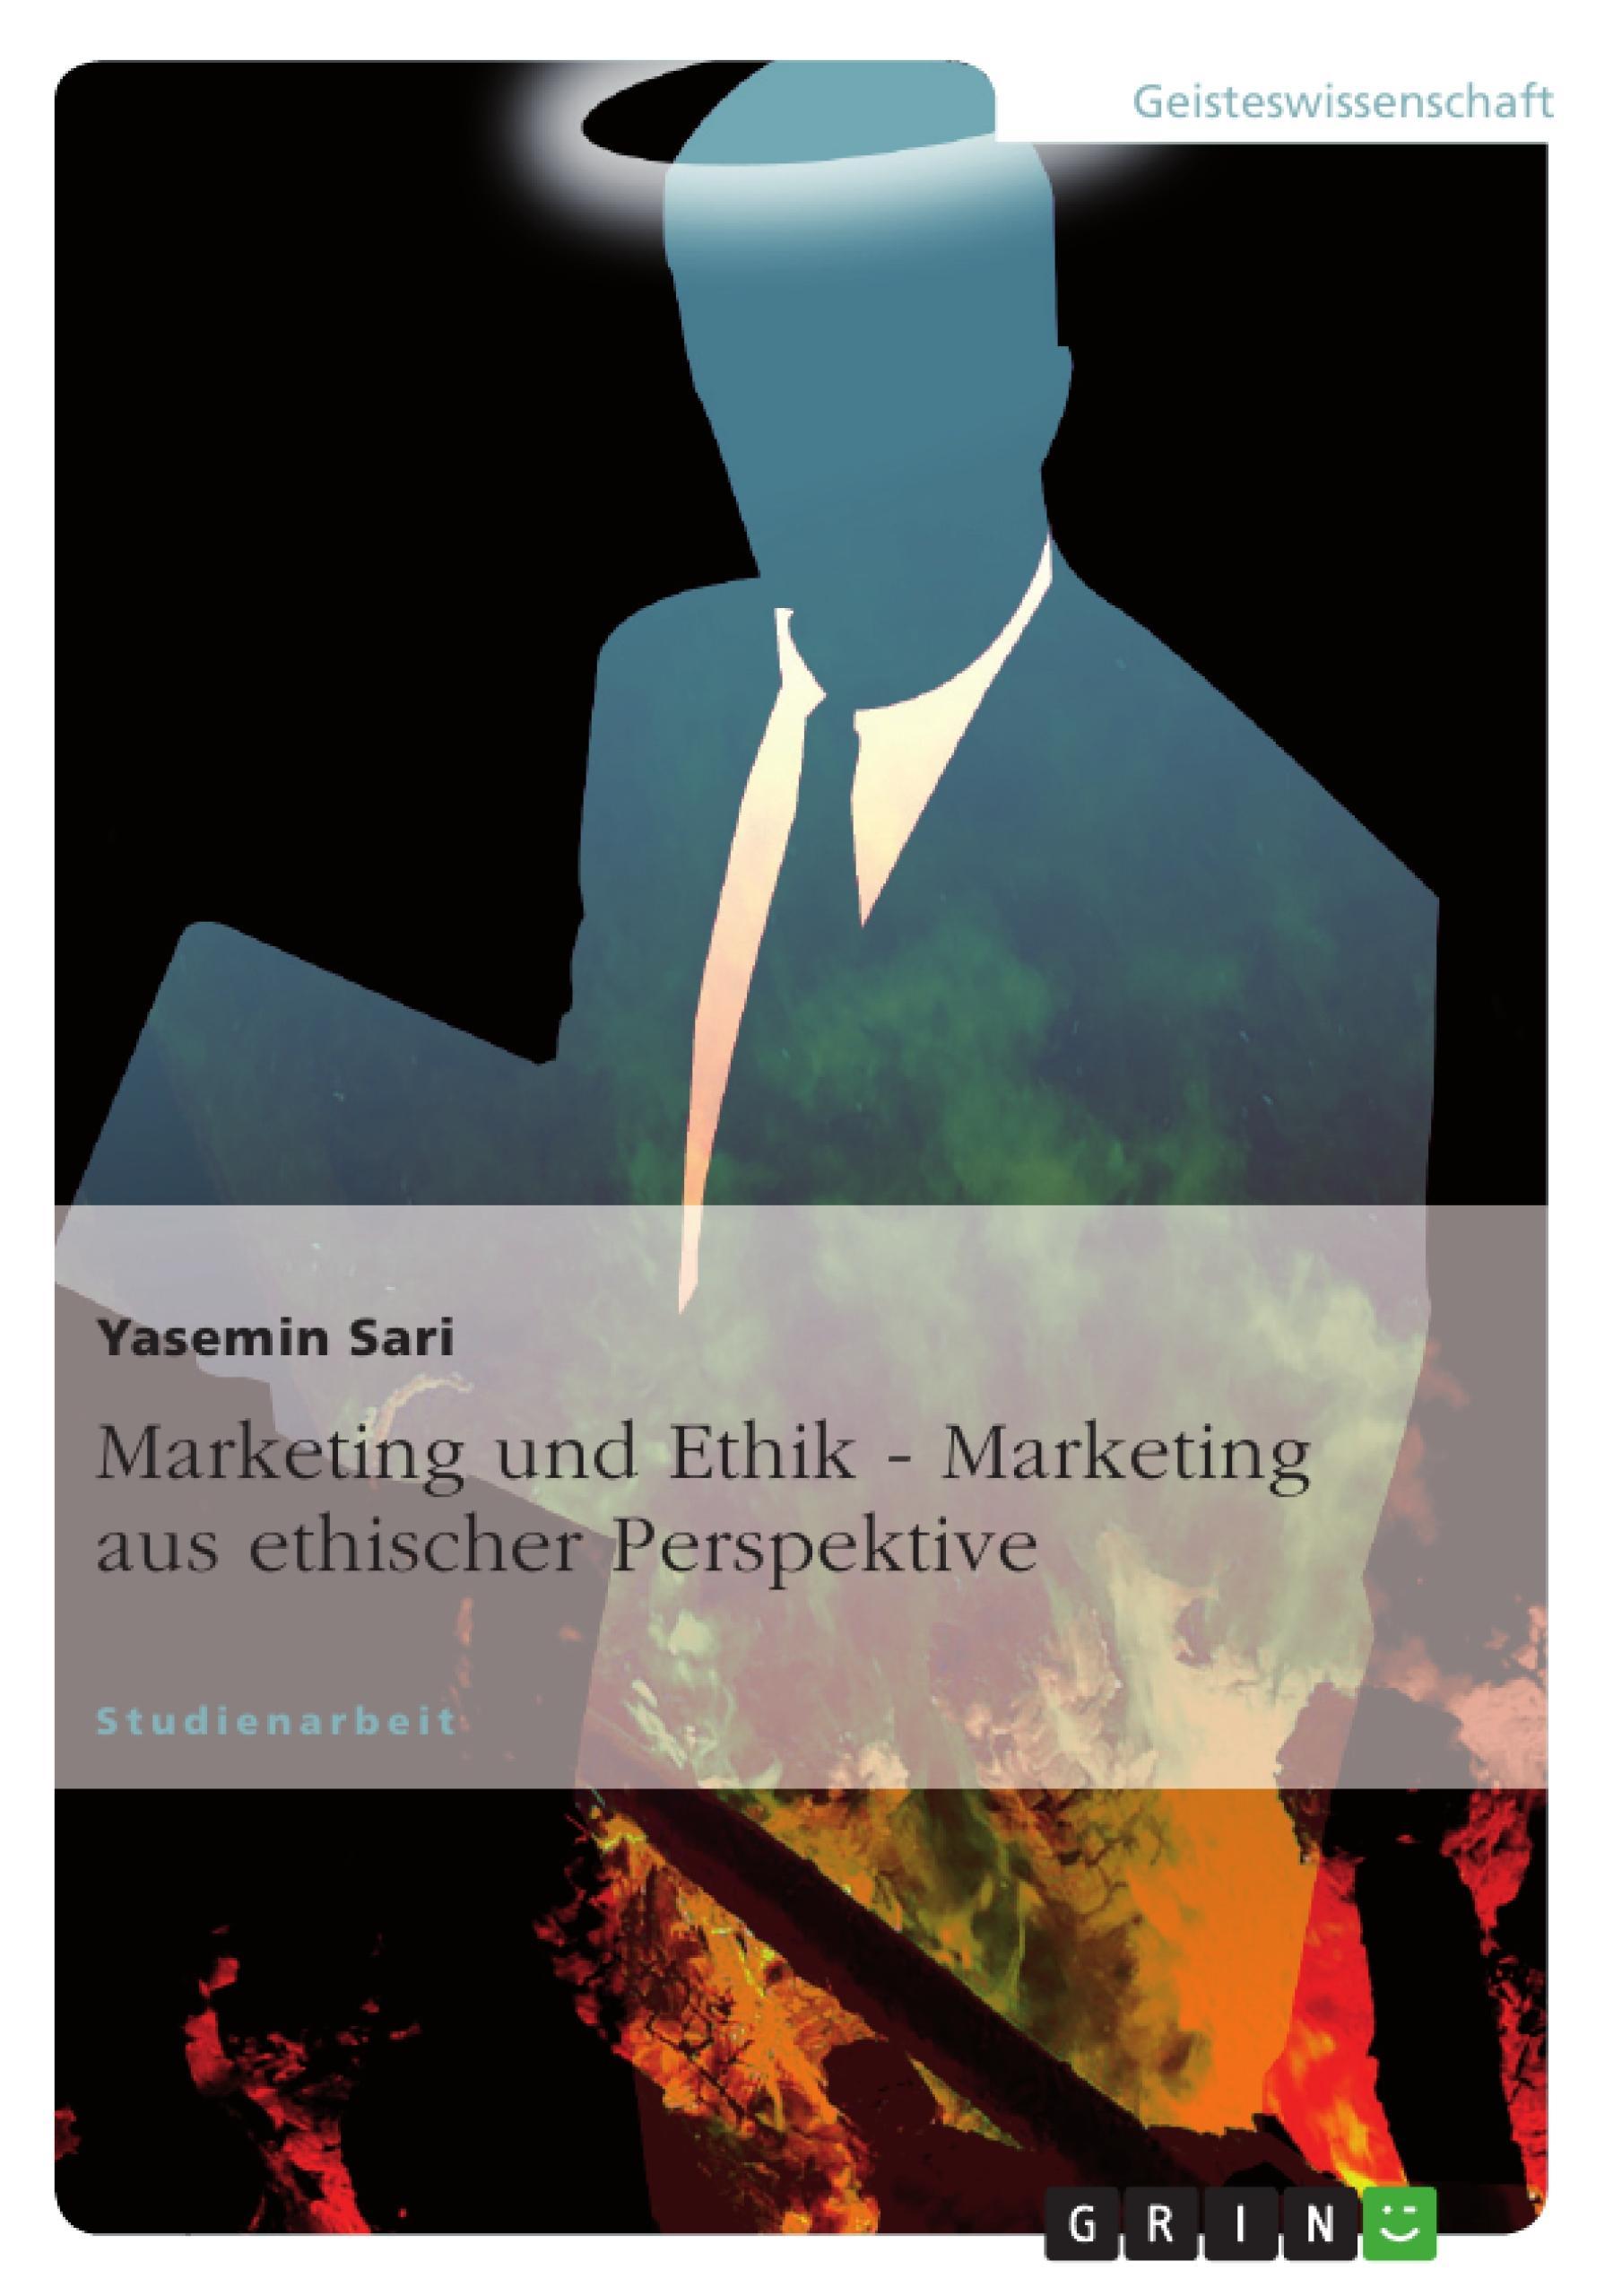 Marketing und Ethik - Marketing aus ethischer Perspektive  Yasemin Sari  Taschenbuch  Deutsch  2010 - Sari, Yasemin